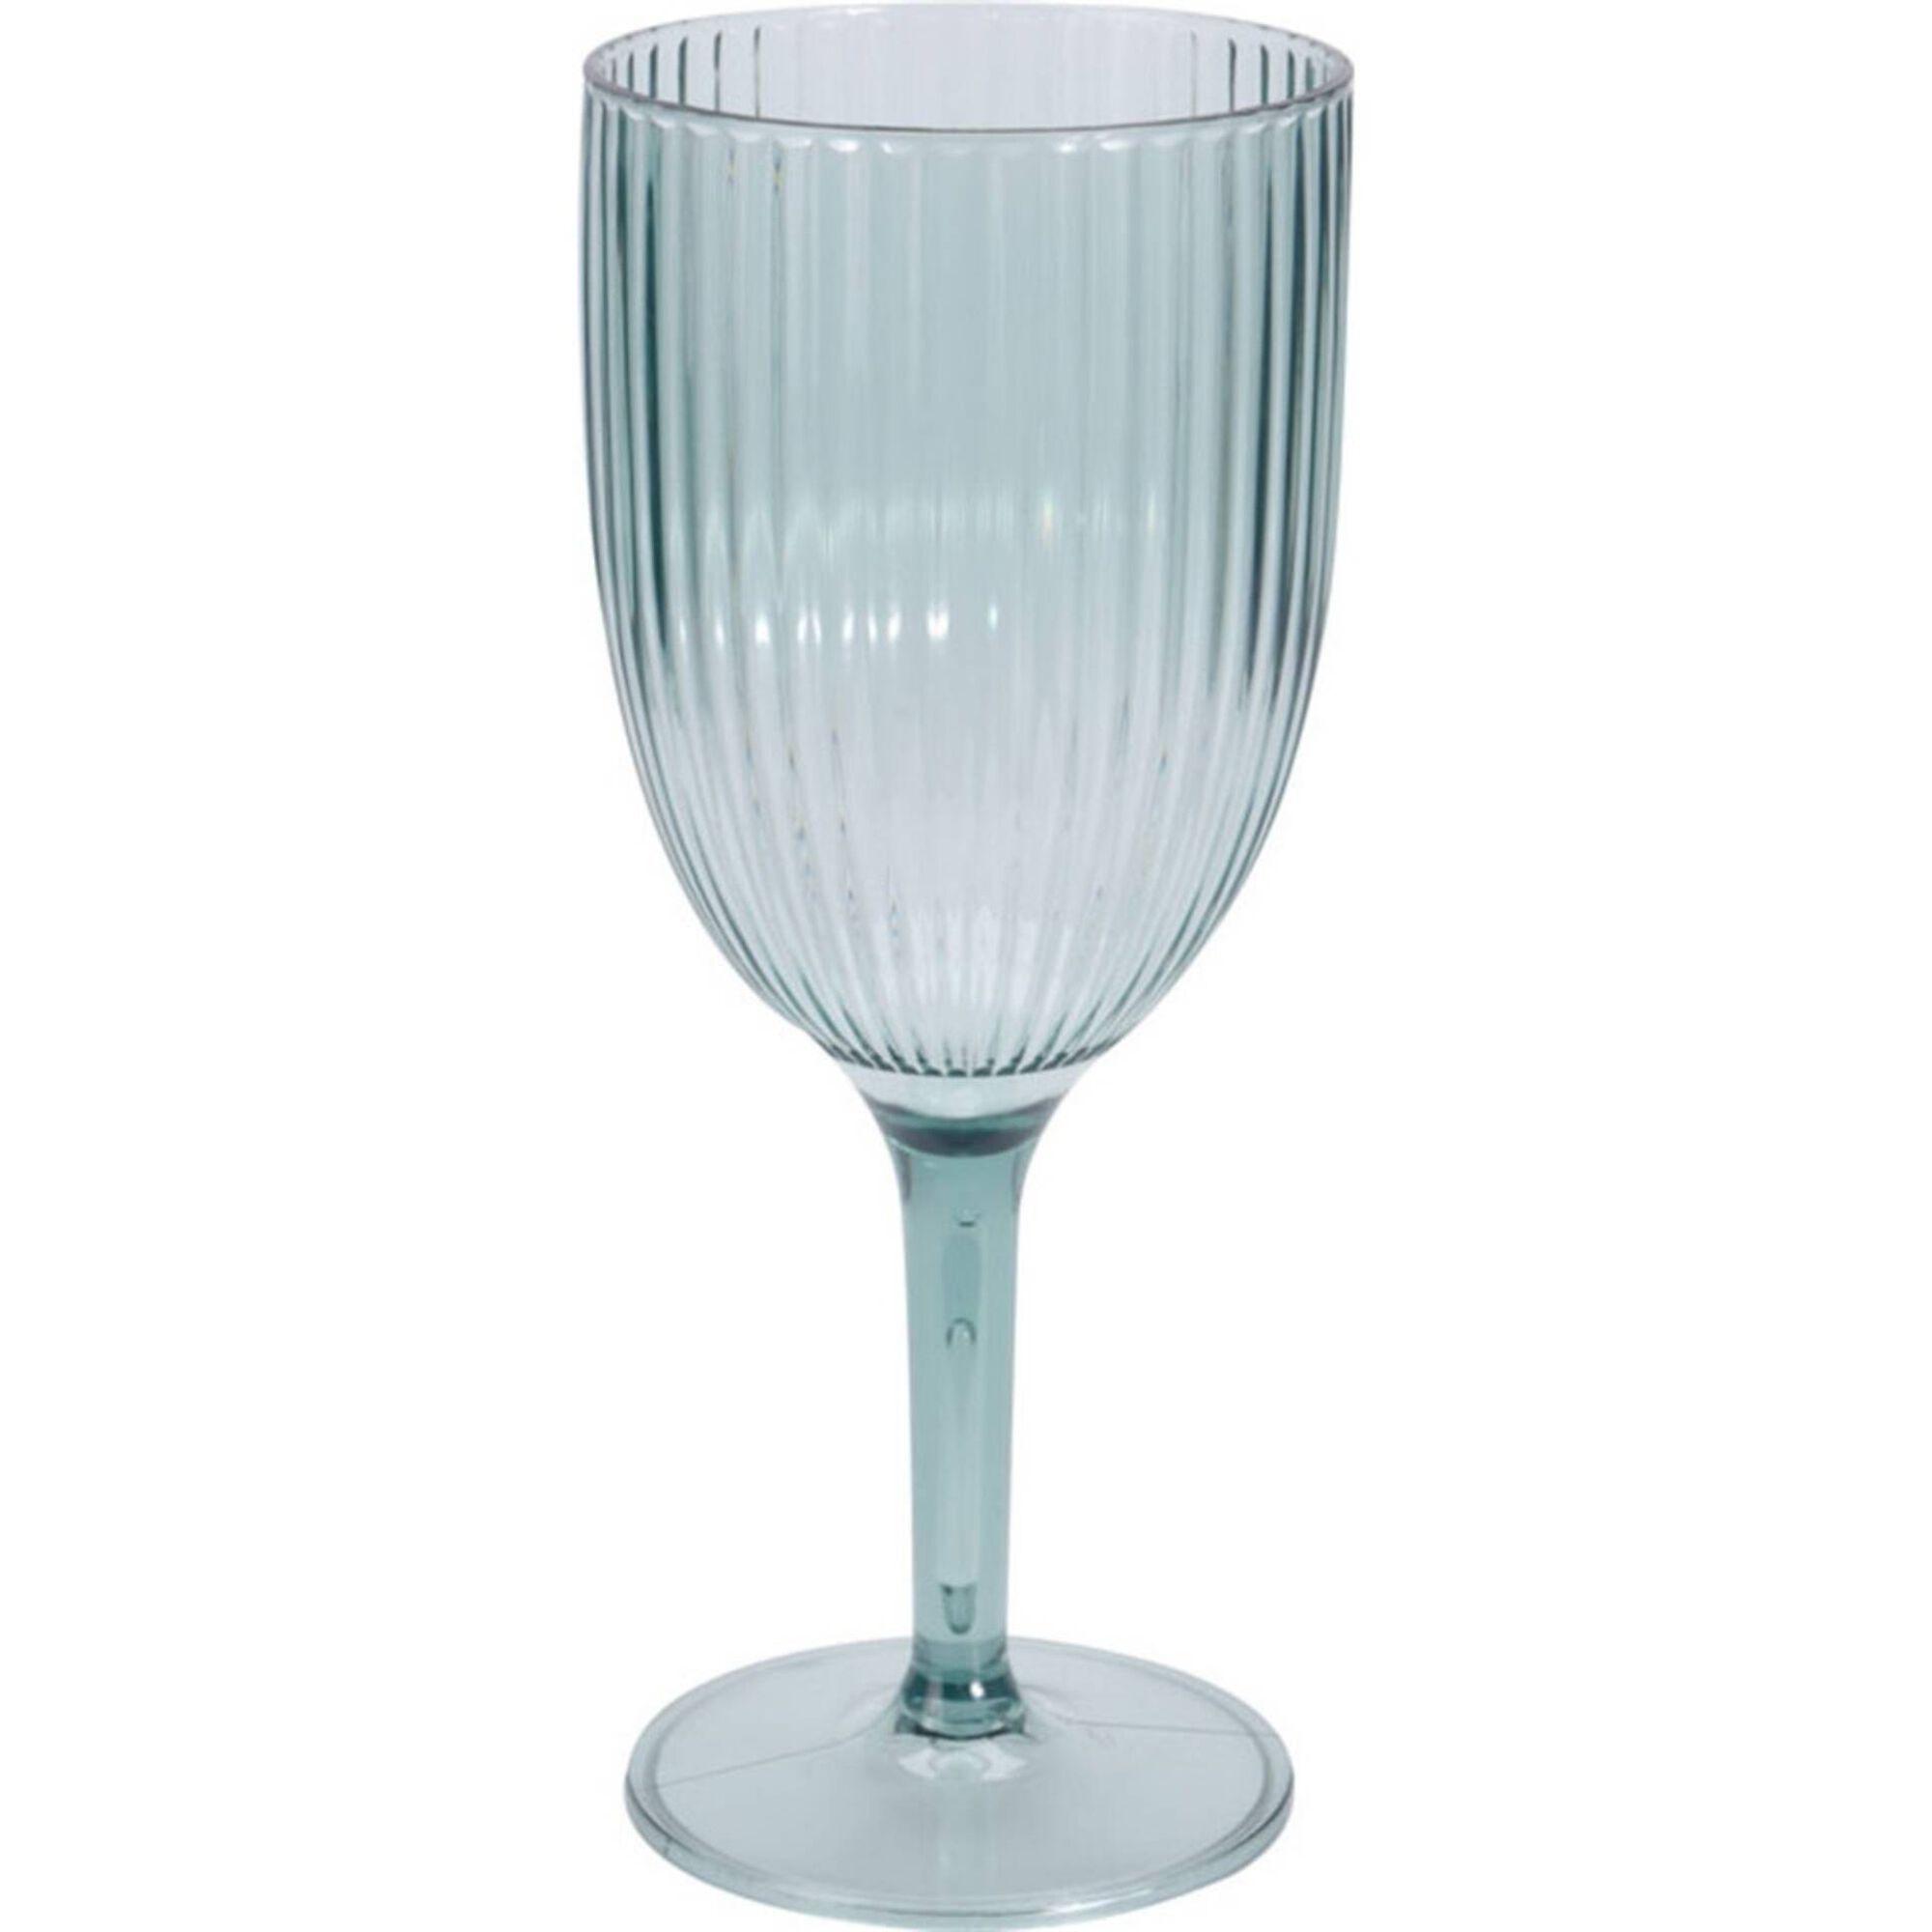 Copo Água com Pé Plástico 40cl Stripe